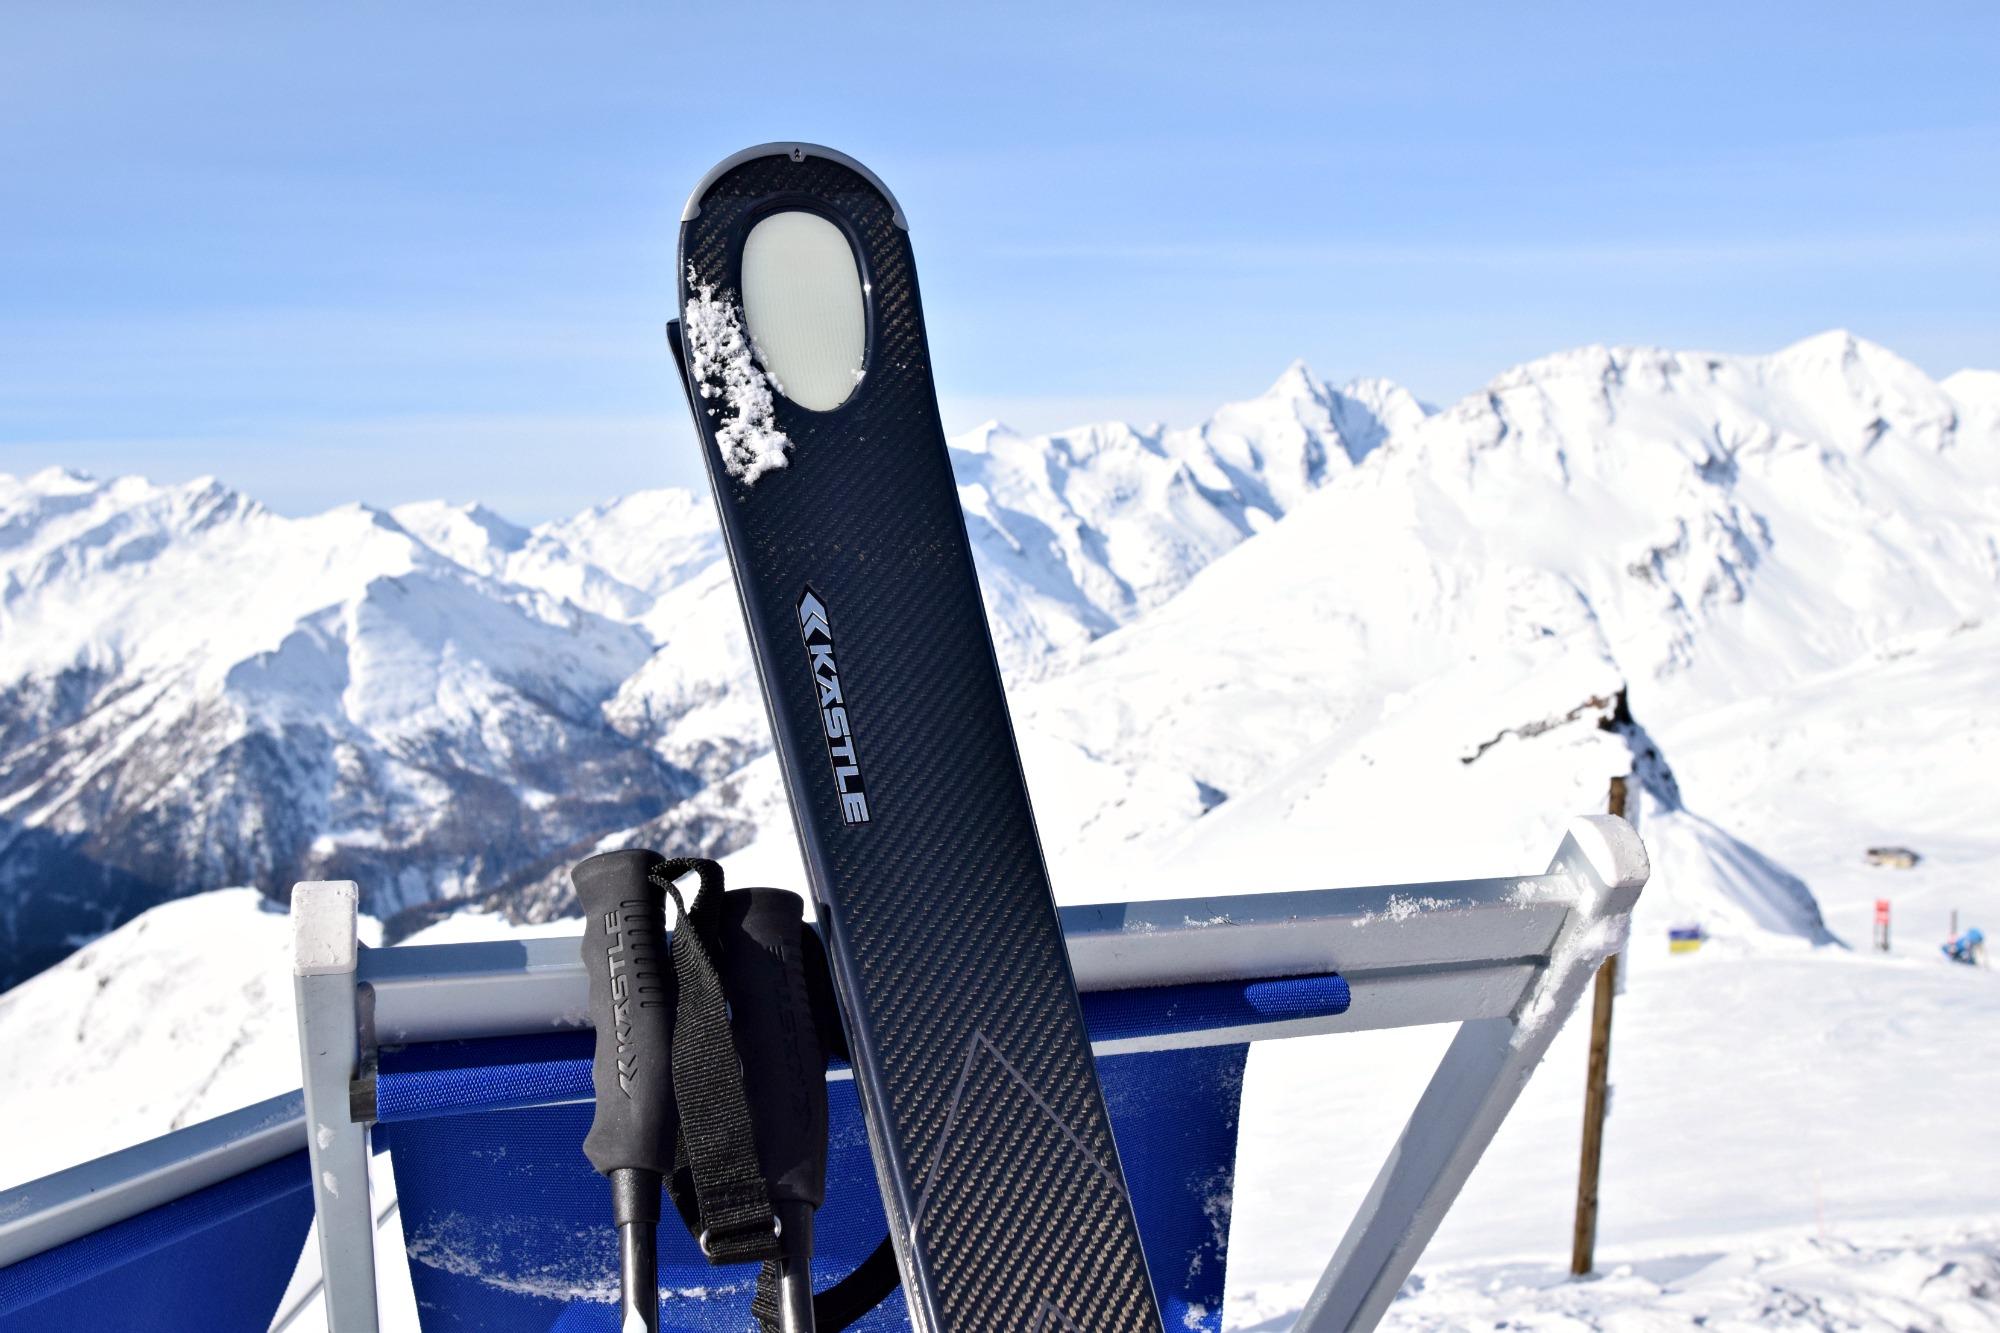 Fitnessblog-kästle-ski-klara-fuchs-österreich-blogger-sport-winter28